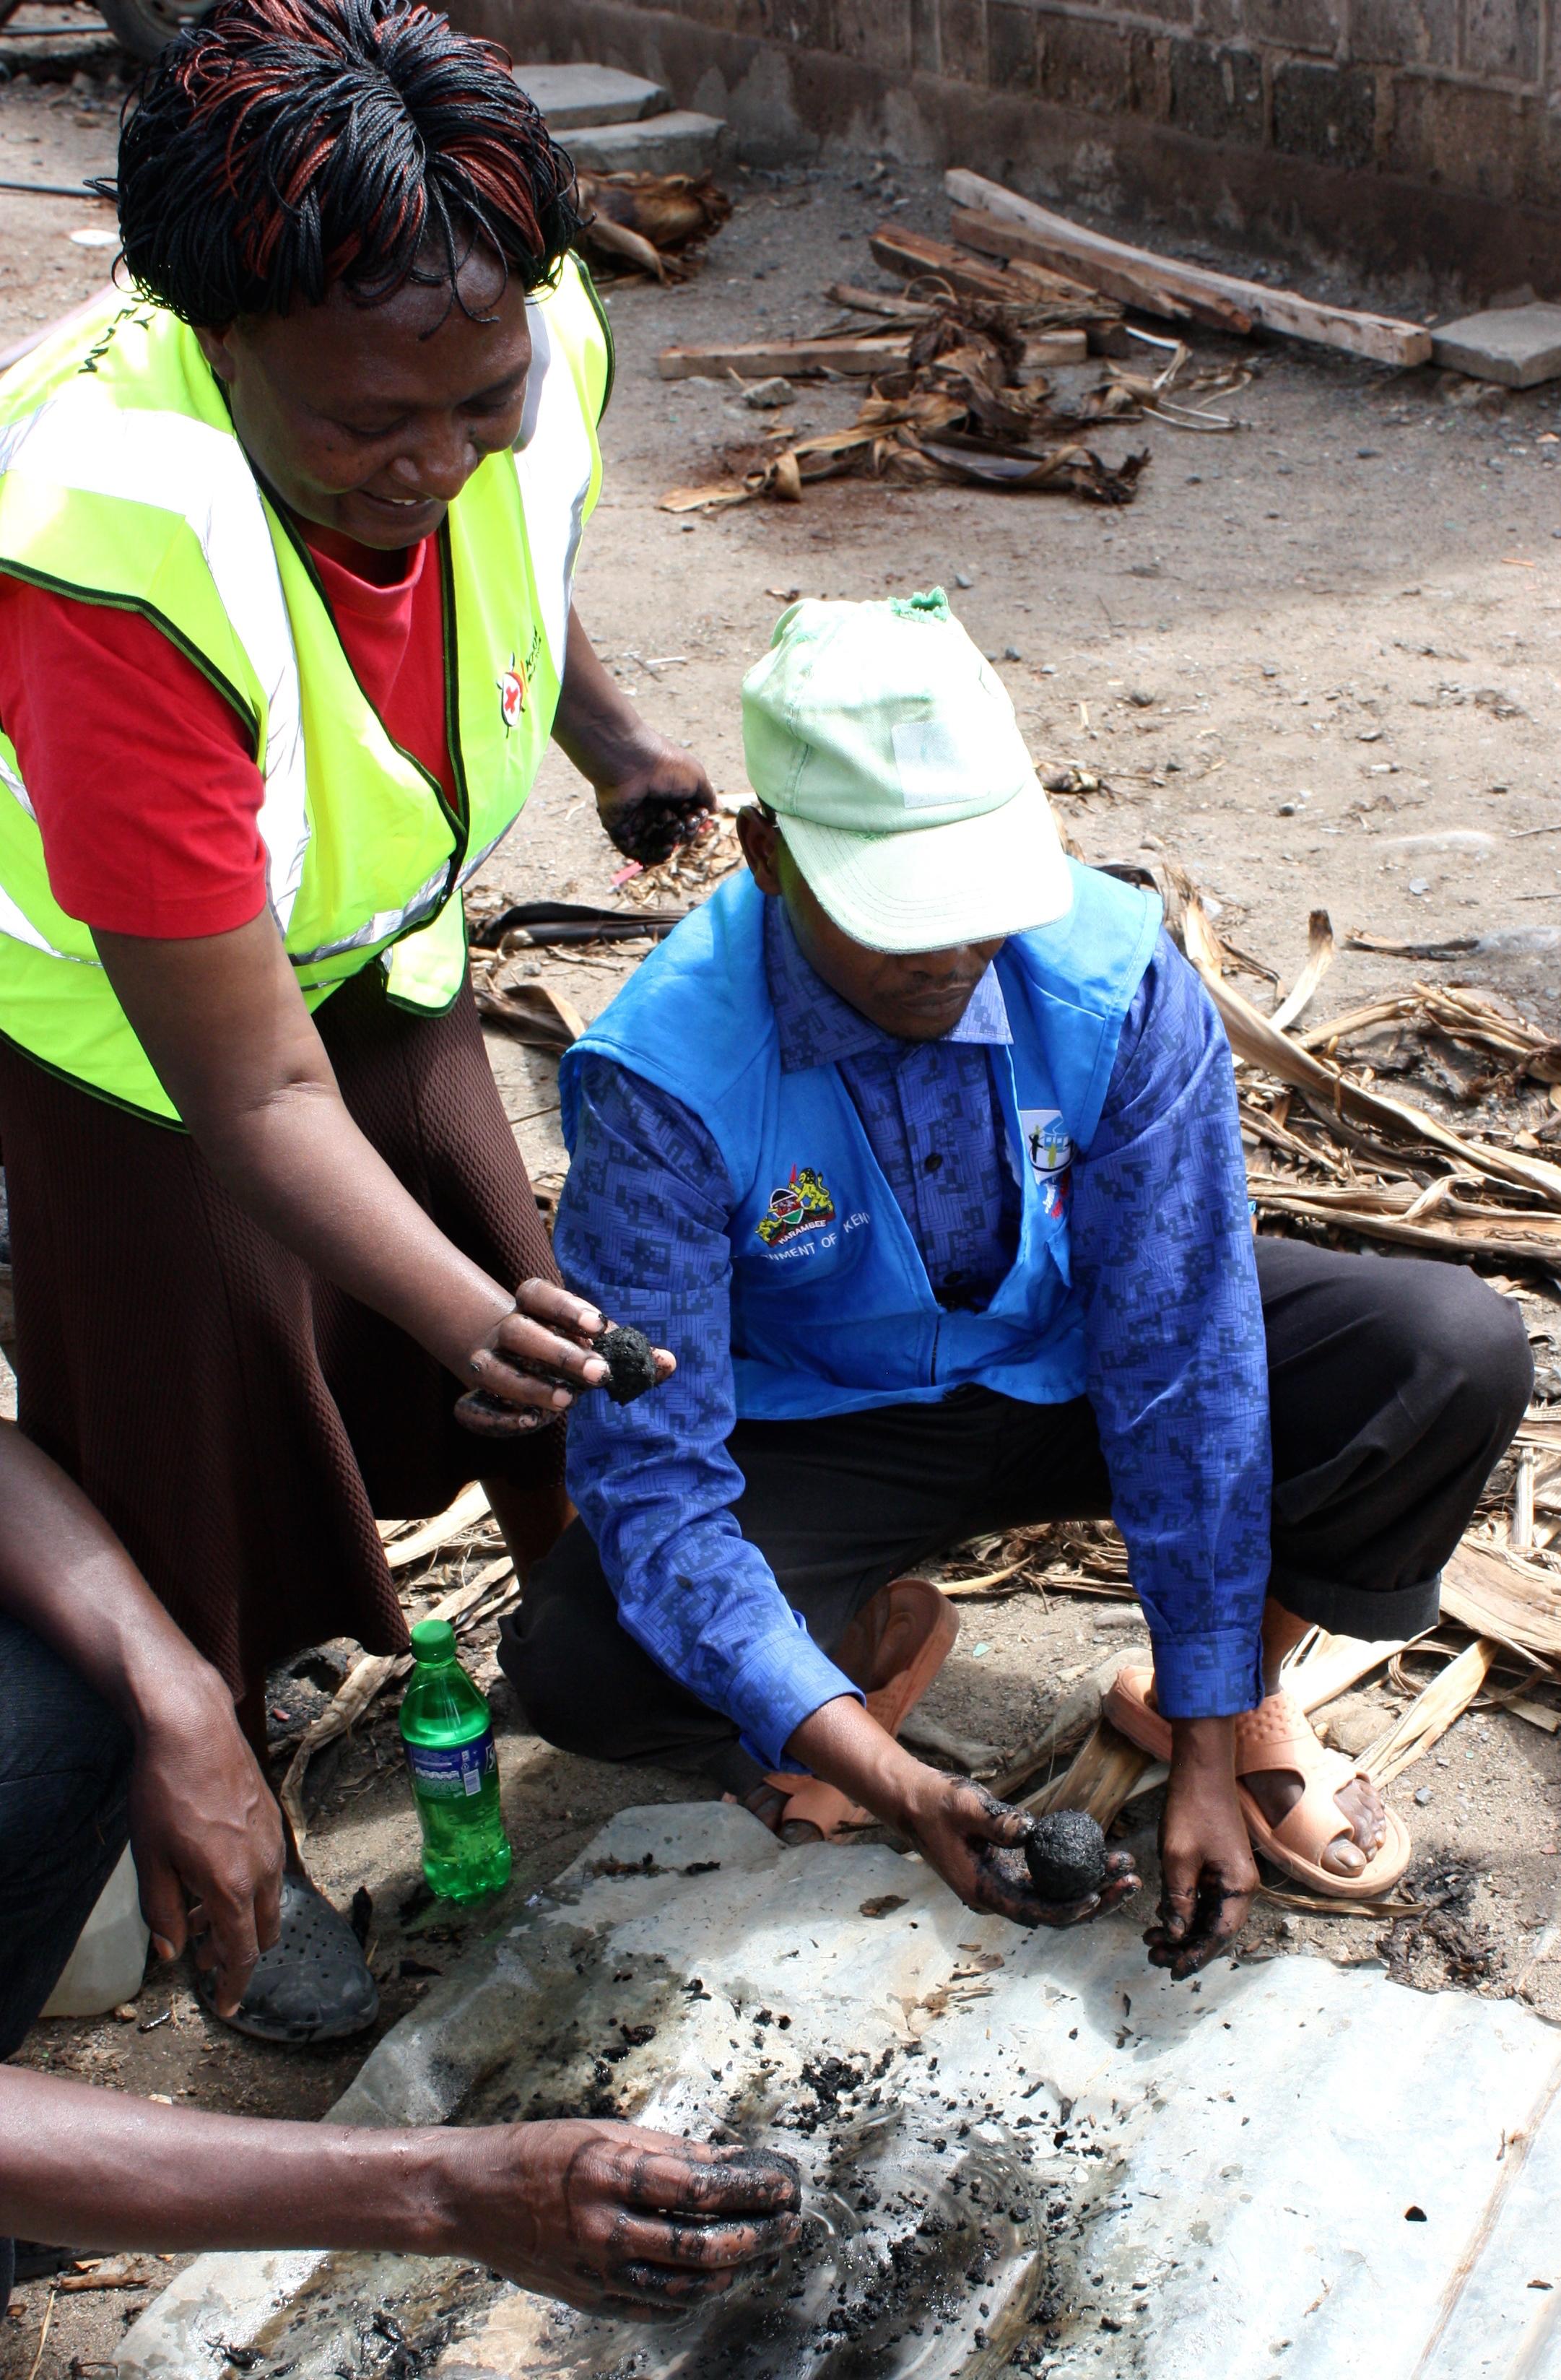 Lokal medarbejder fra Røde Kors hjælper en tidligere kriminel med at skaffe sig et lovligt levebrød. Privatfoto